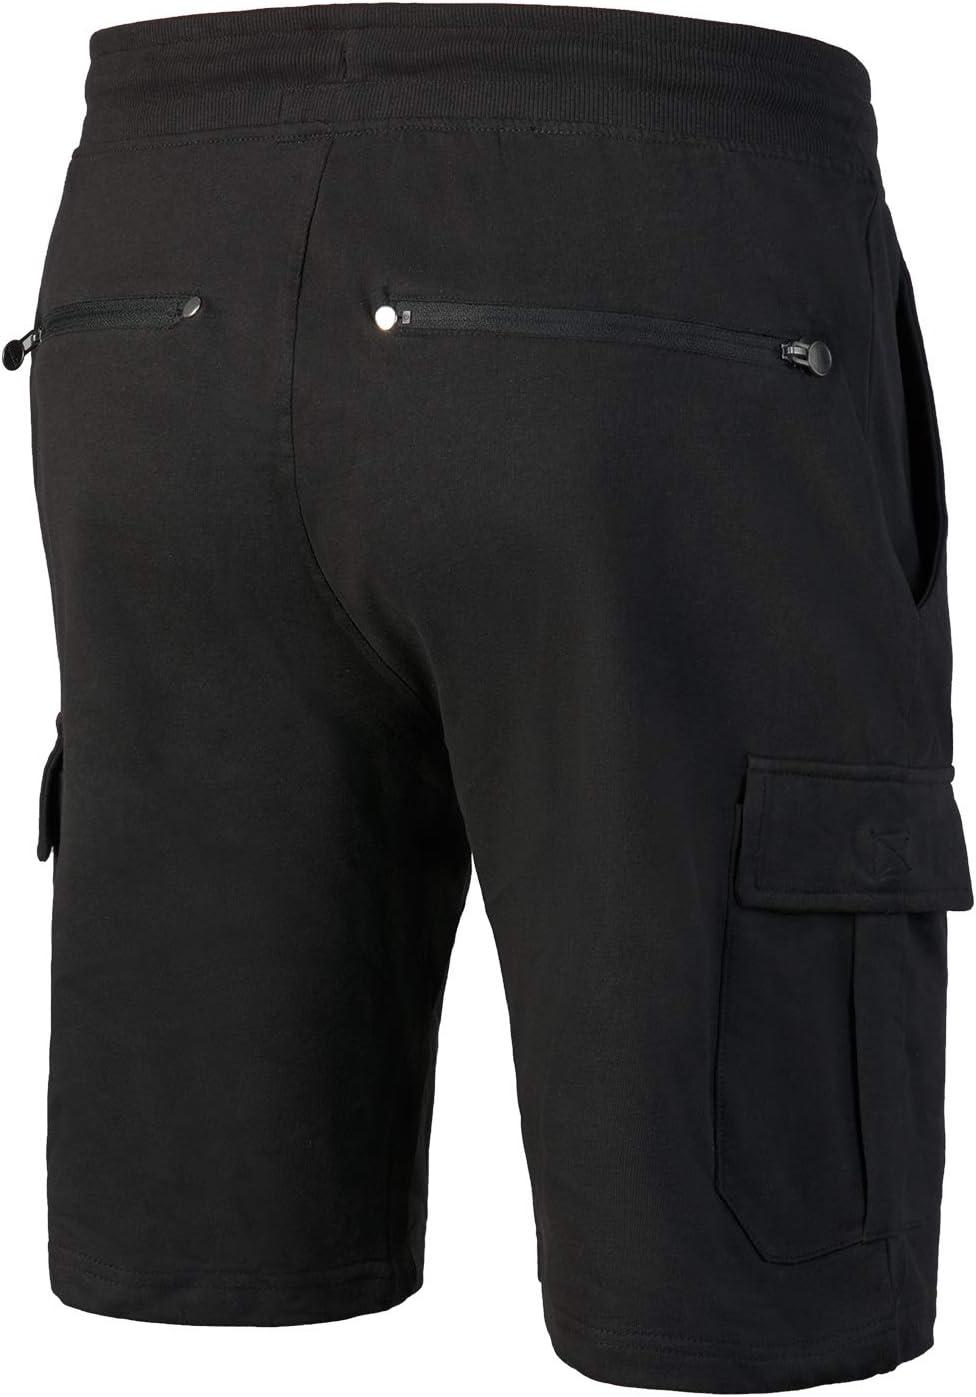 con bolsillos laterales y 2 bolsillos traseros con cremallera Pantalones cortos cargo para hombre 6XL para hombre en colores cl/ásicos tallas S Mount Swiss